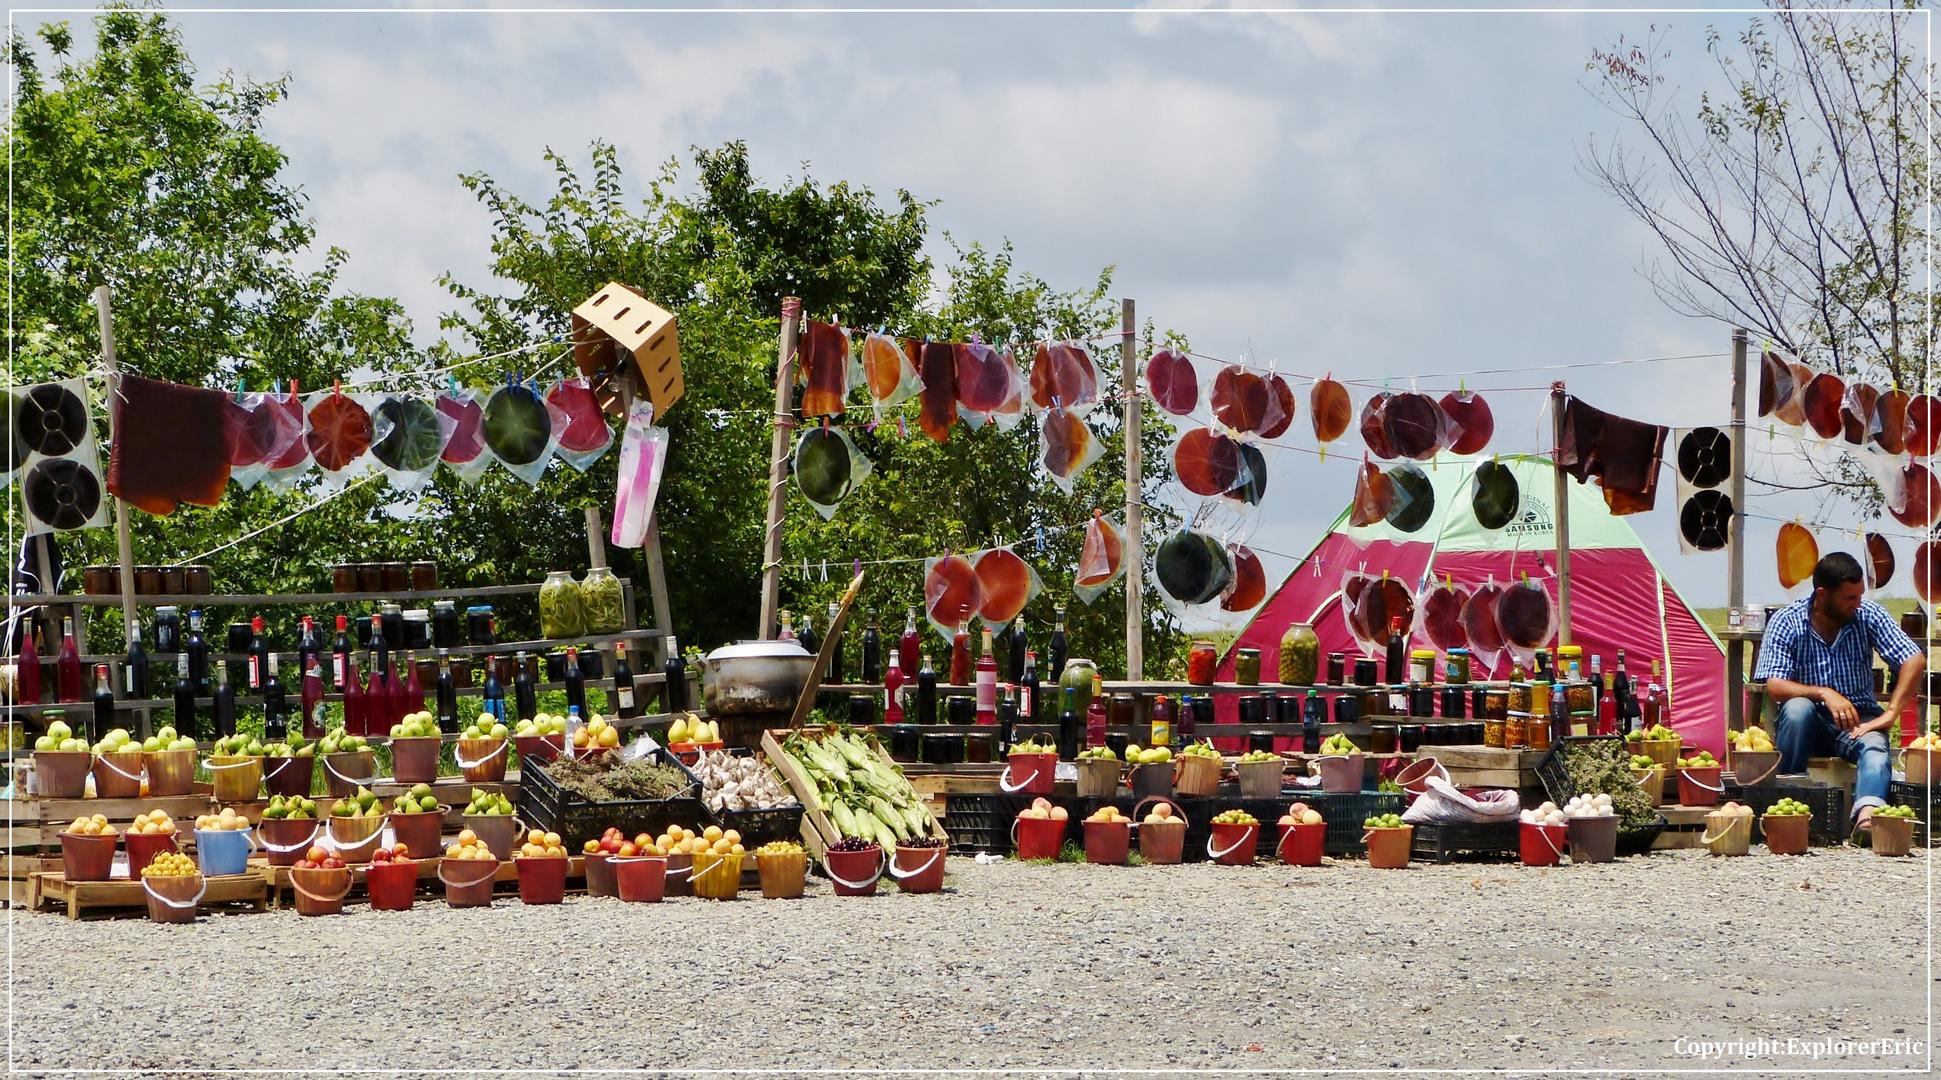 Honig, Obst und Früchte zu verkaufen............